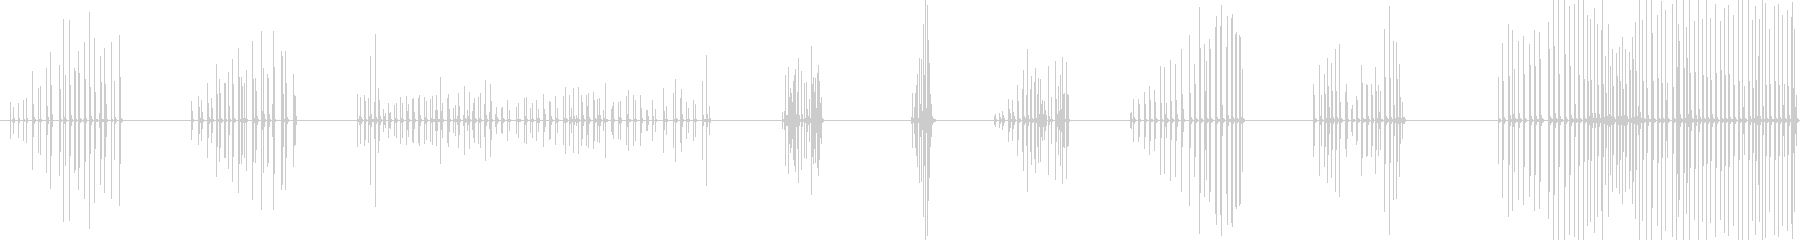 フォルダクリップ、クリック、ドラッ...の未再生の波形